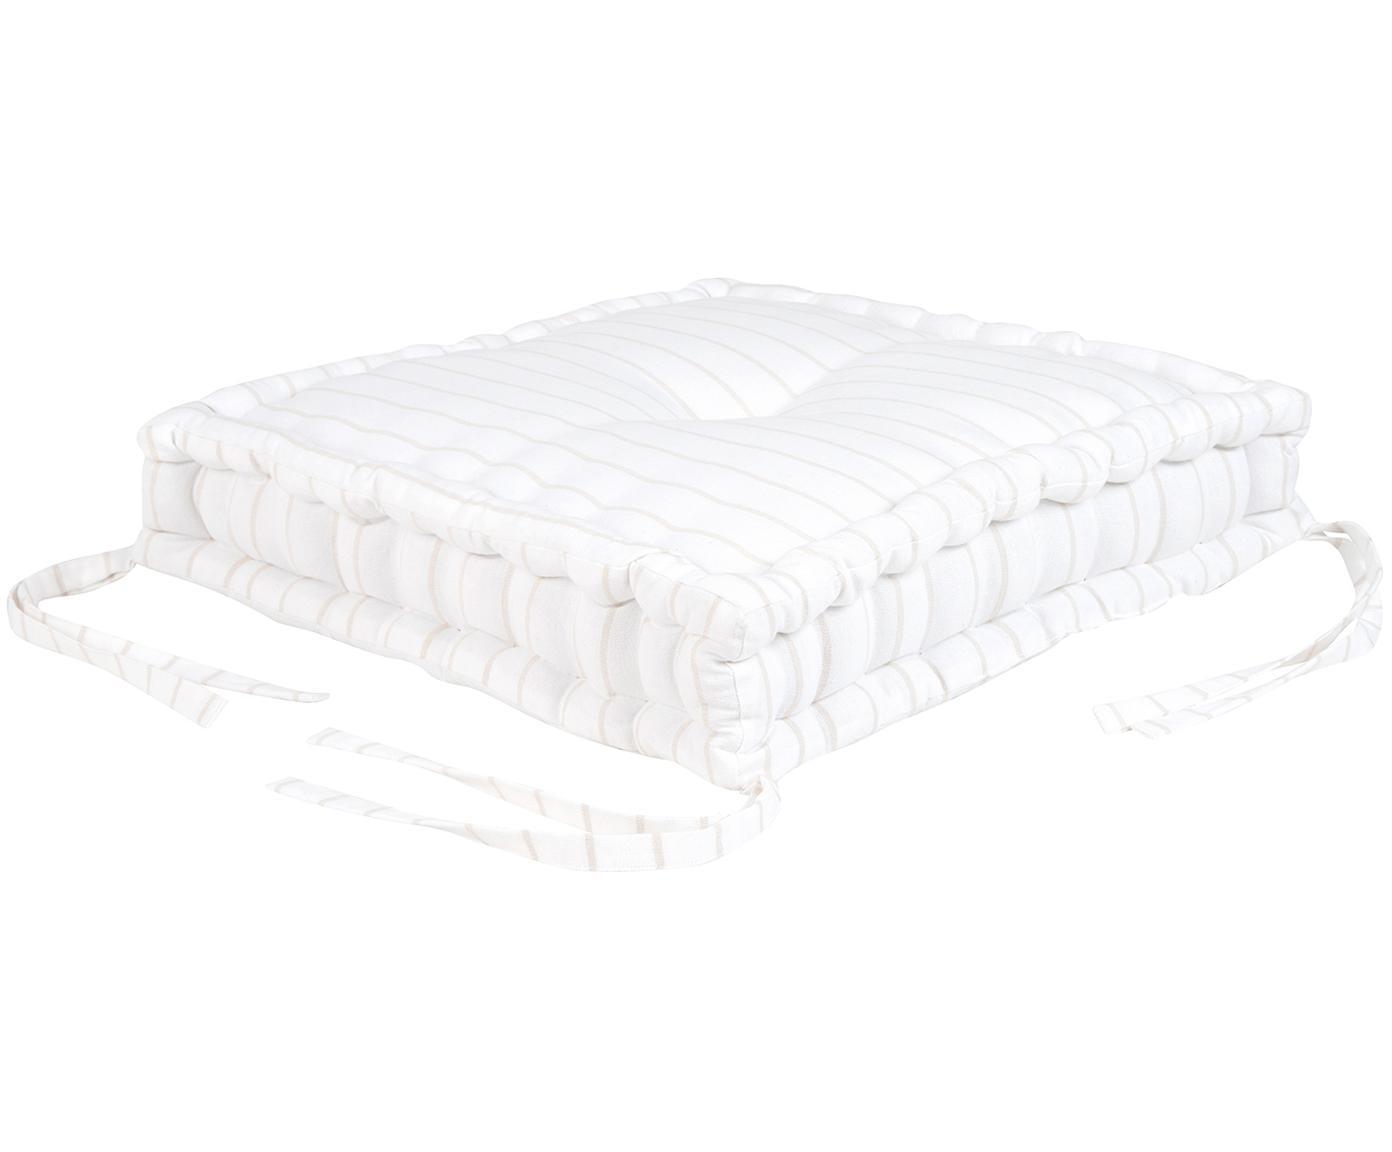 Poduszka na siedzisko Ludmilla, Beżowy, kremowobiały, S 45 x D 45 cm